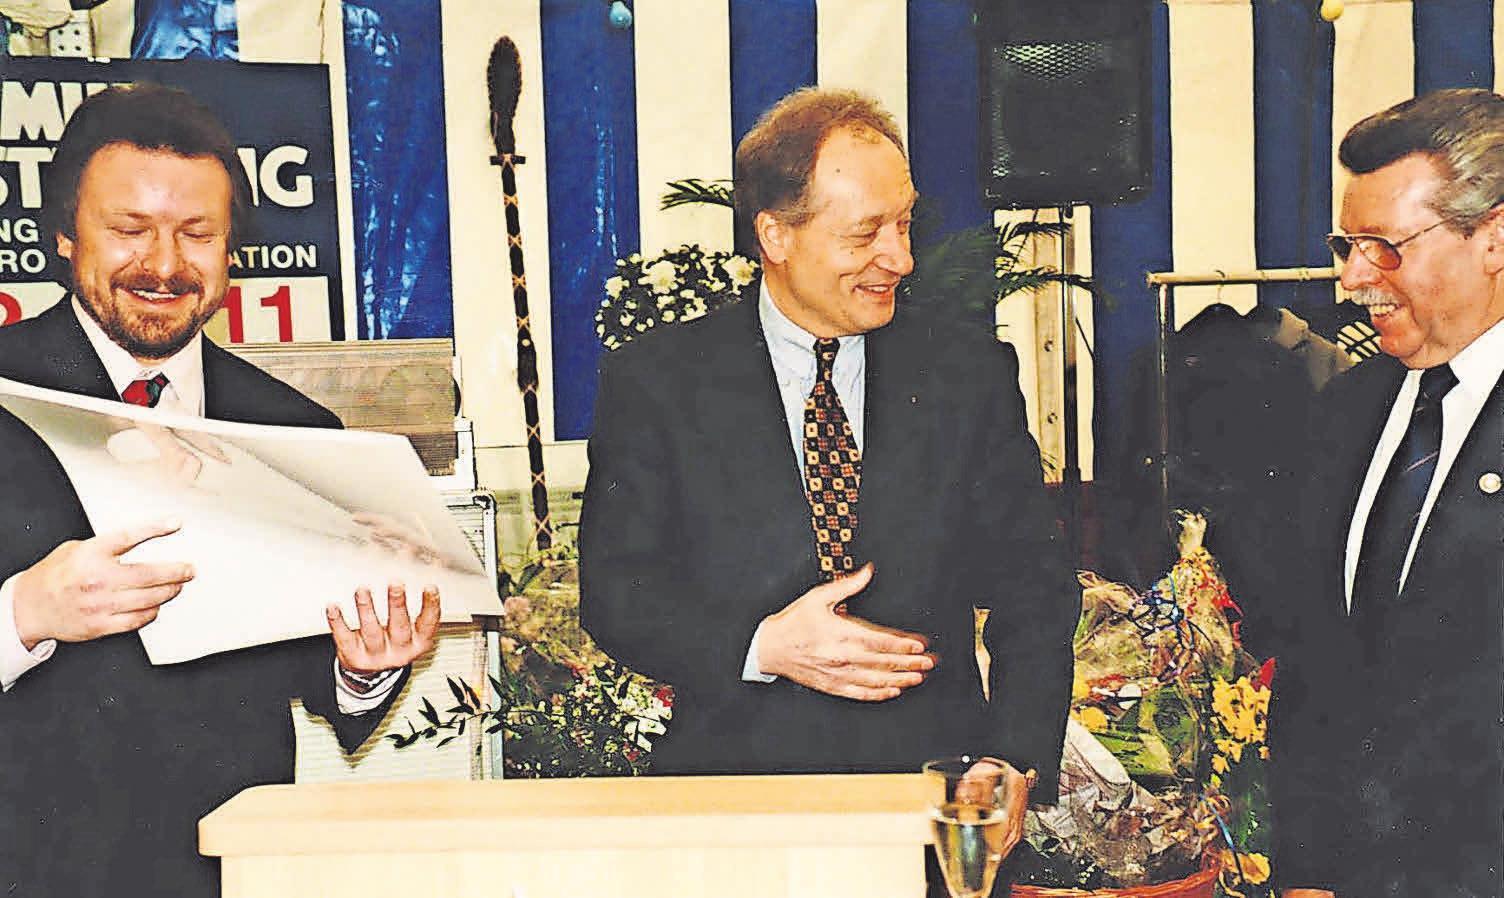 Beim 75-jährigen Jubiläum im Jahr 1995 wird der Betrieb an Helmut Vesterling junior übergeben.